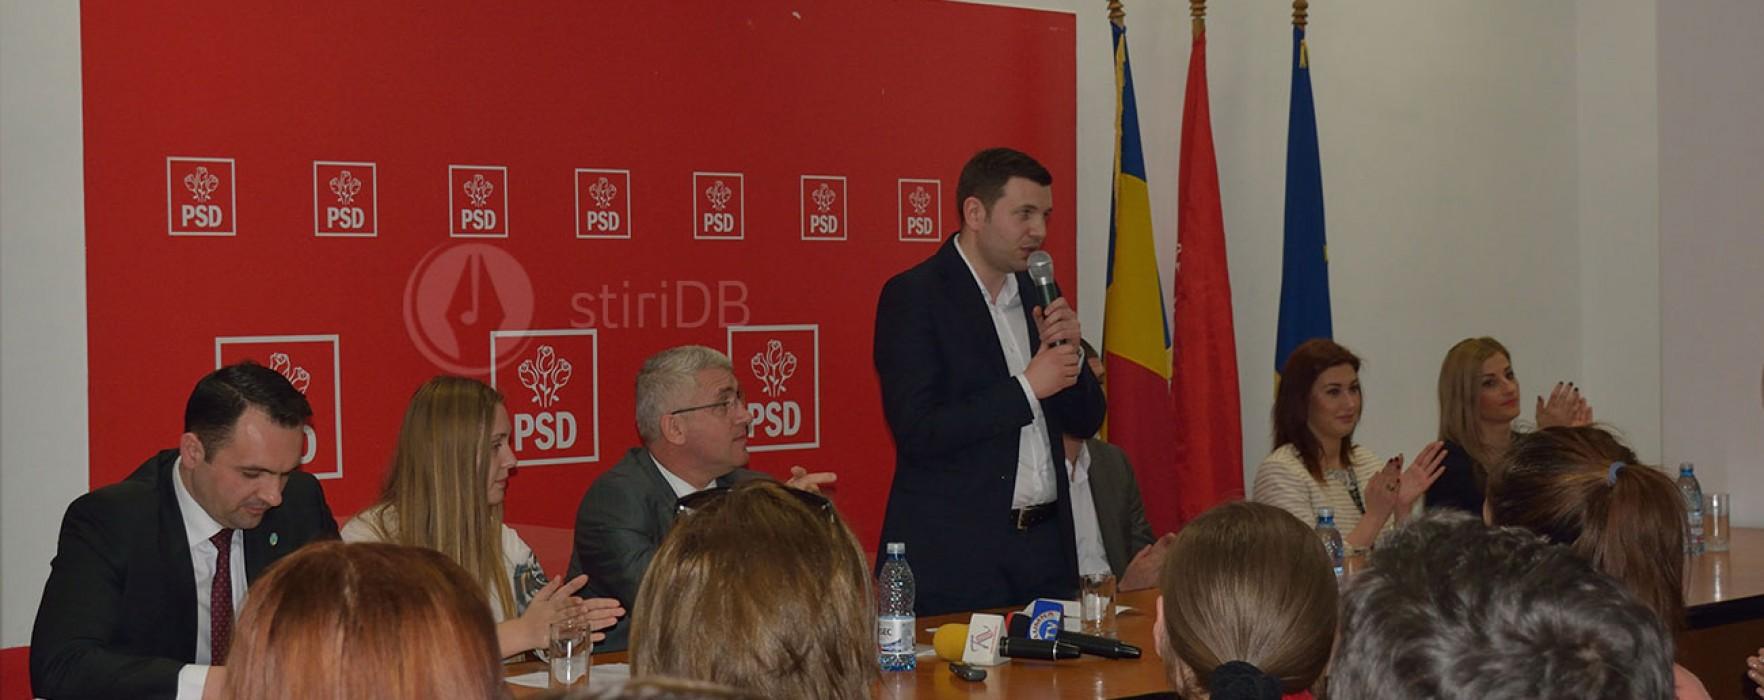 140 de tineri s-au înscris, joi, în TSD Dâmboviţa